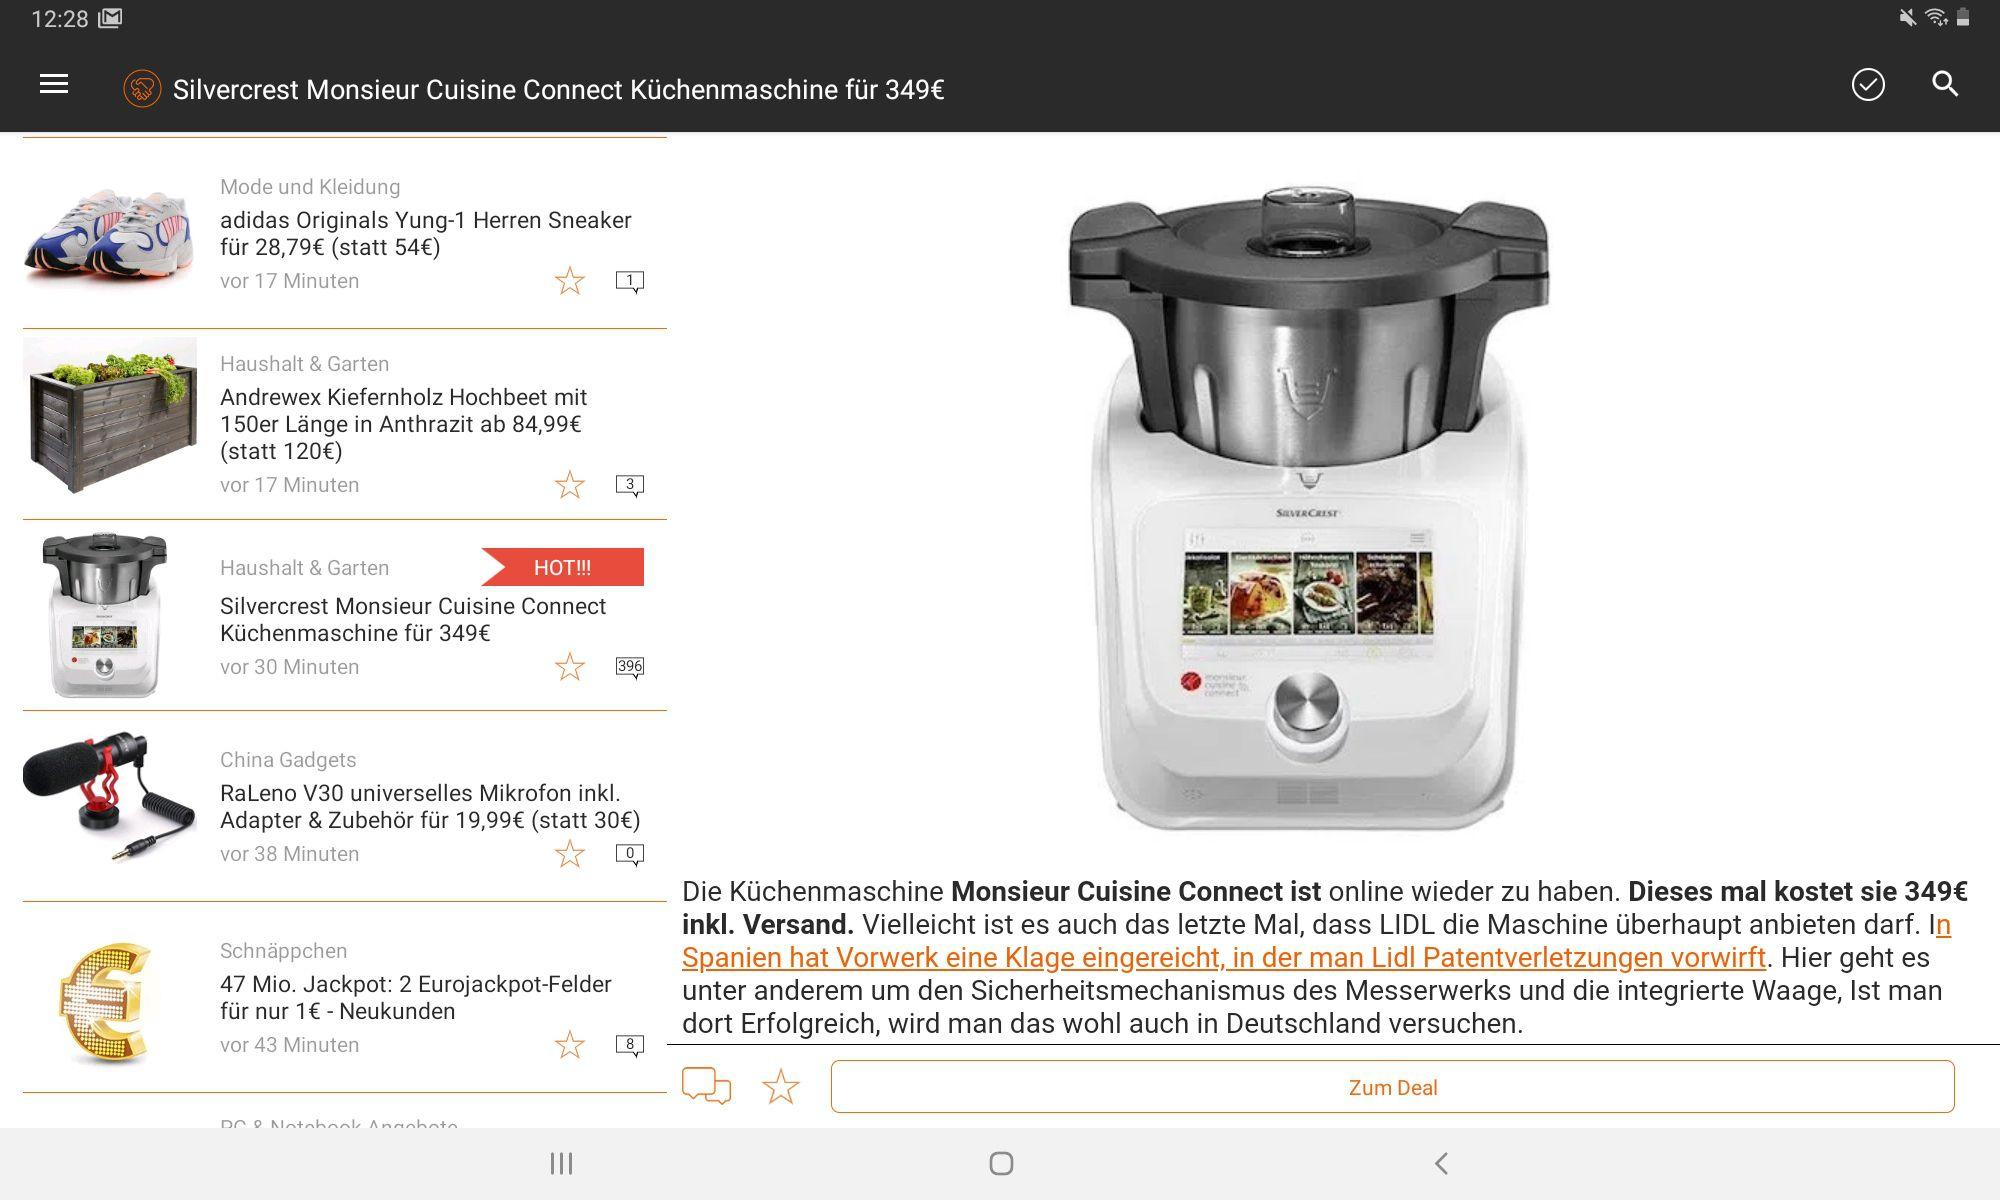 Mein Deal Android App für Tablet   bitte einmal updaten!